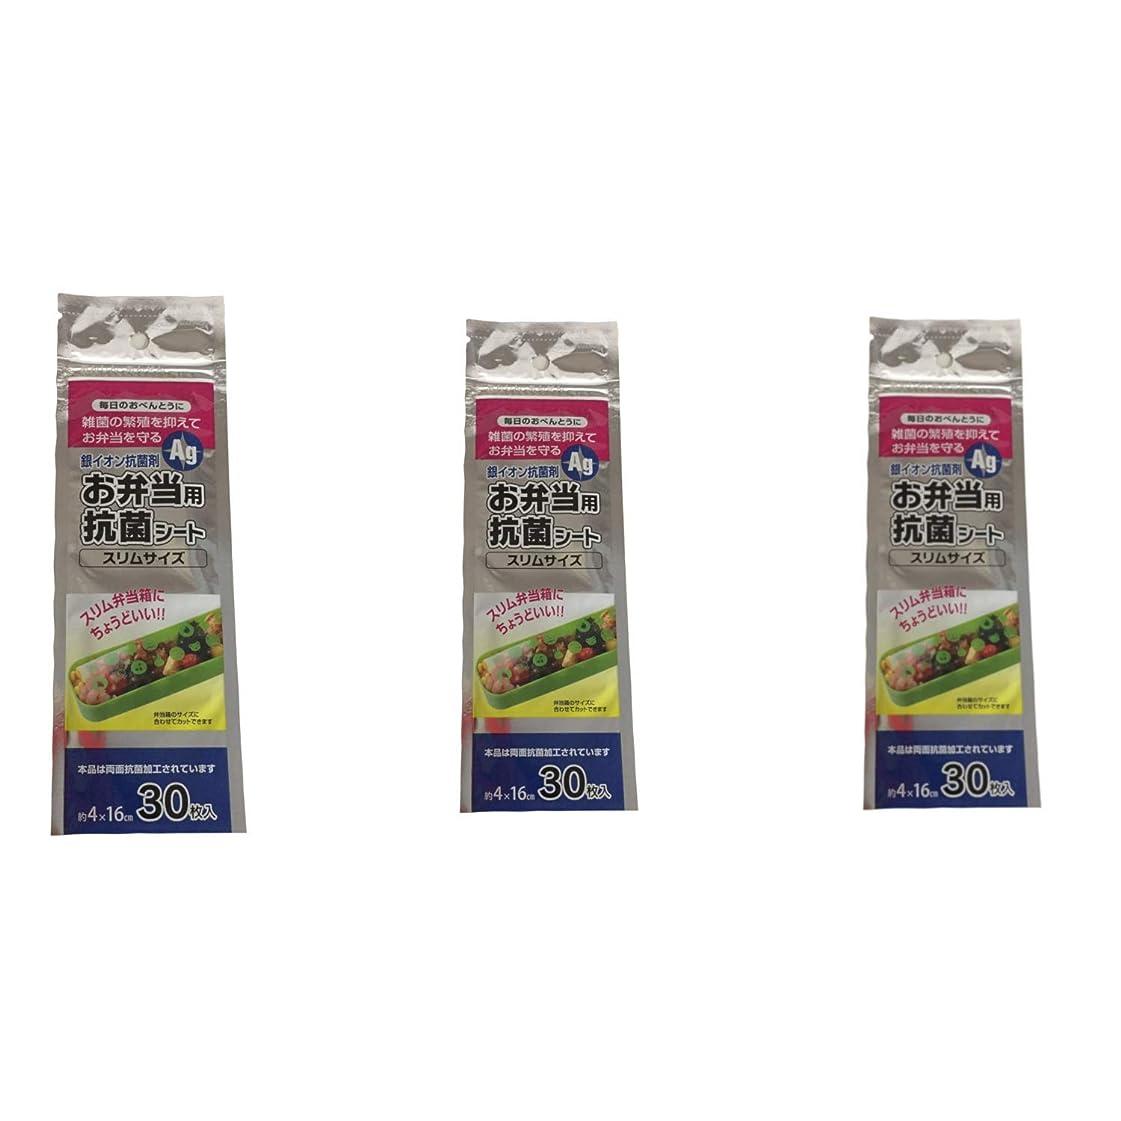 暴行取り組む有利大和物産 お弁当 抗菌 シート スリム 弁当箱用 30枚入 透明 4×16cm 3個セット